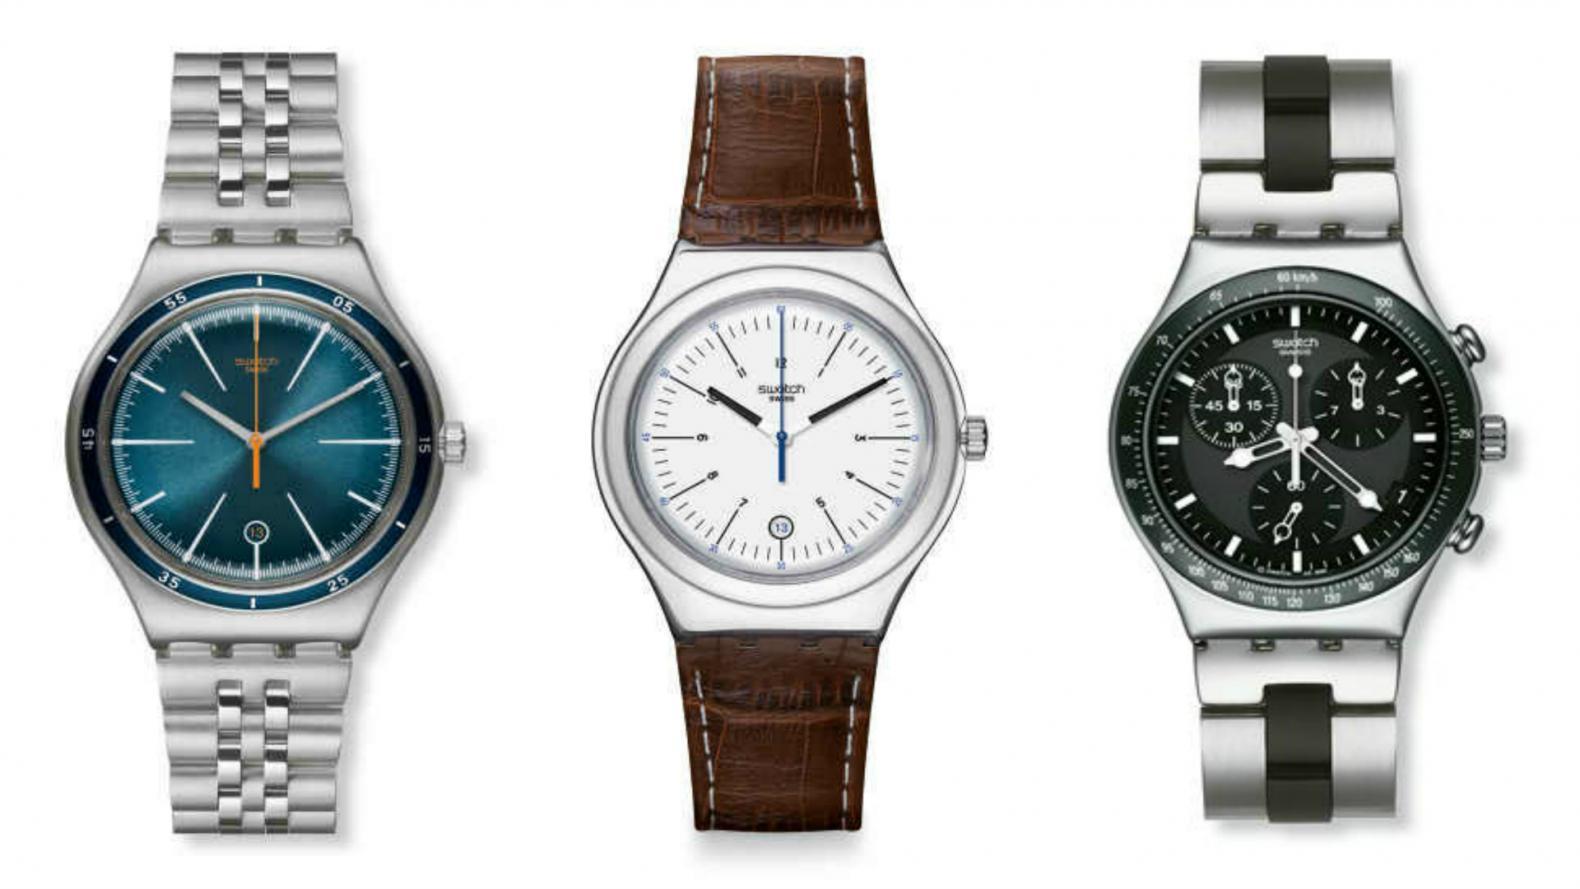 599aa15148d2 El regreso del reloj pulsera para hombre  mirá lo que se usa